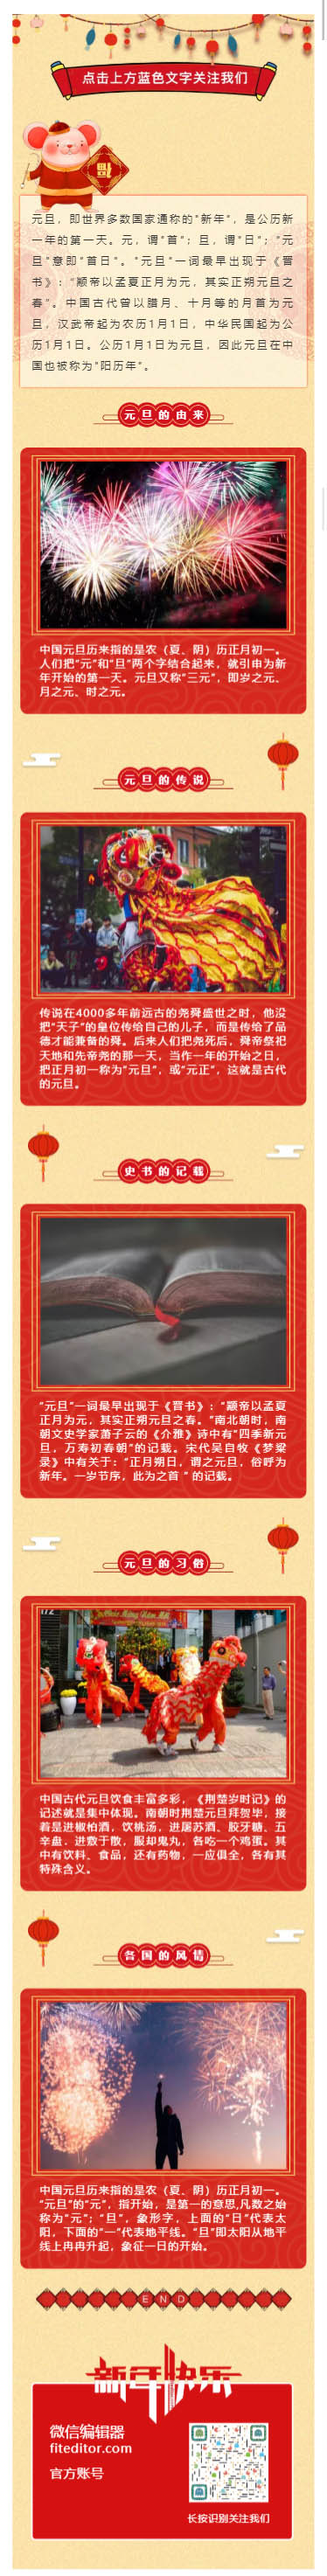 元旦新年鼠年微信模板公众号红色推送图文